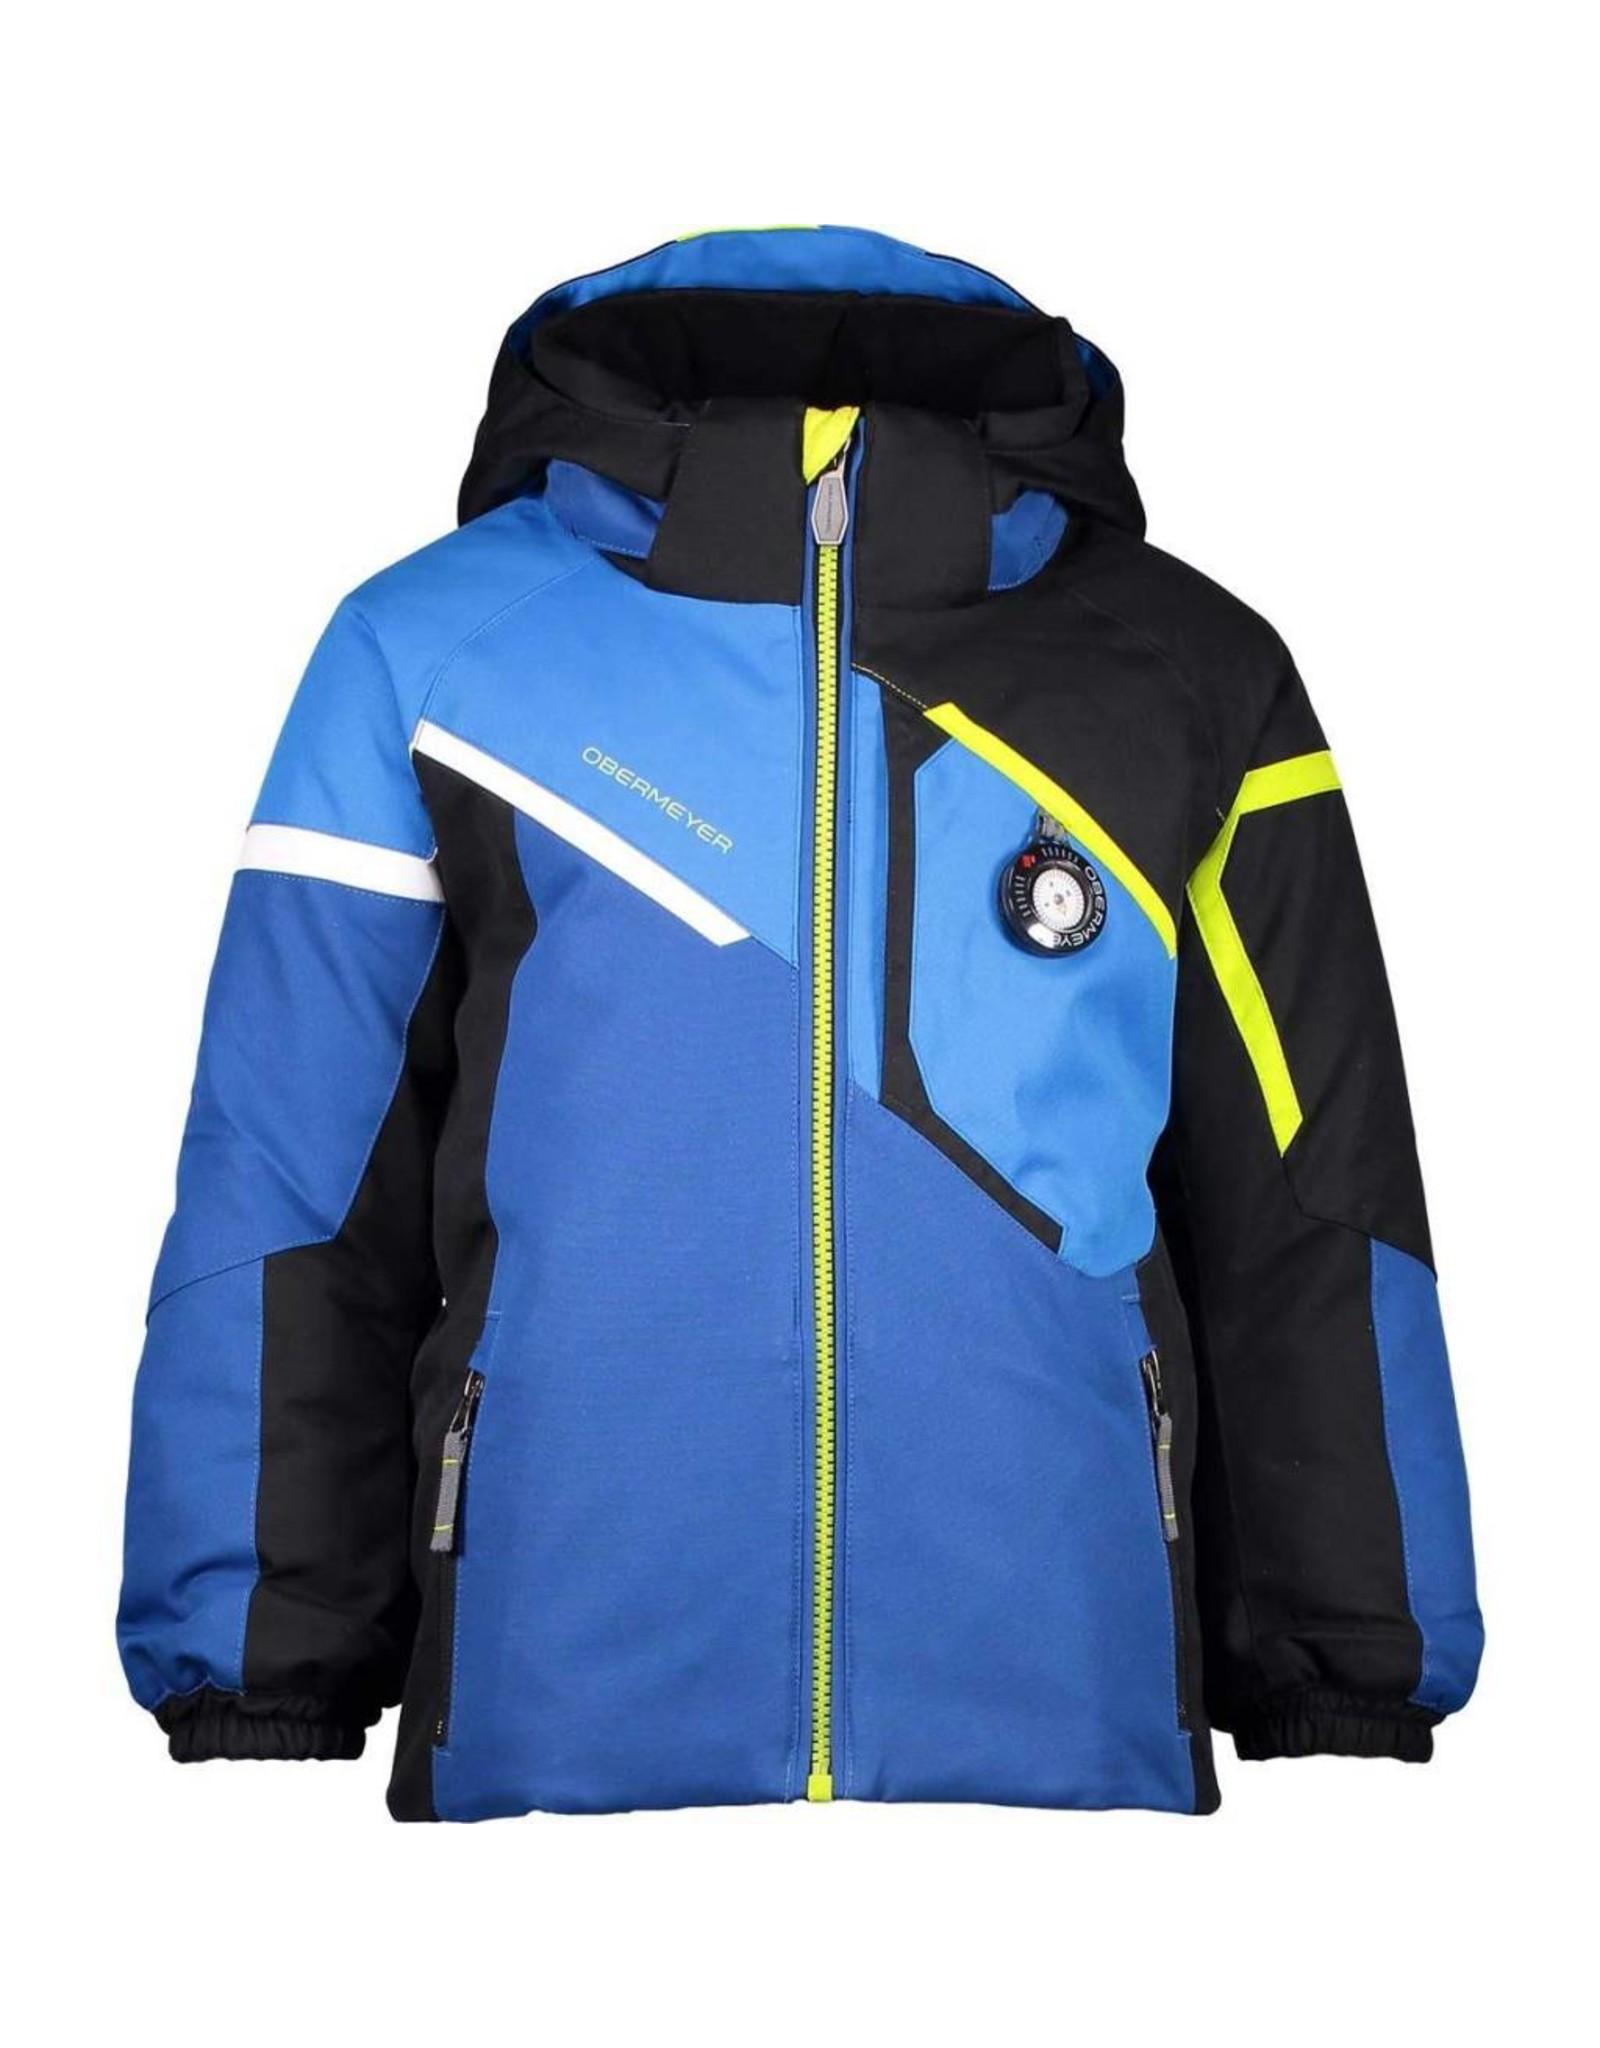 Obermeyer Obermeyer Endeavor Jacket 2019